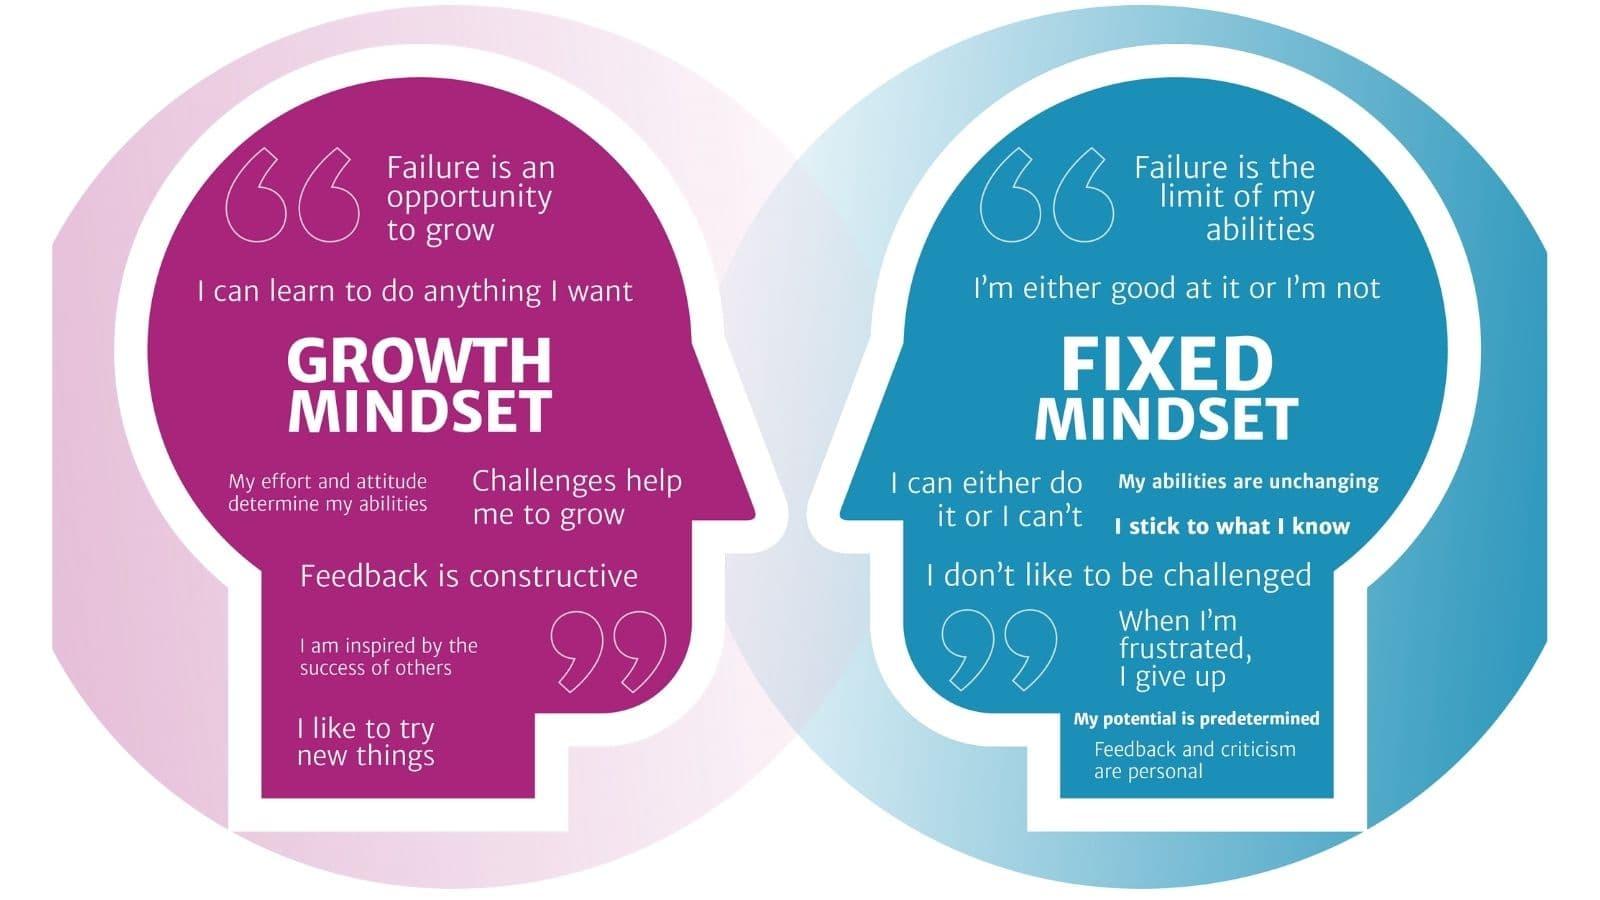 Nesta imagem, temos os 2 diferentes tipos de mindset